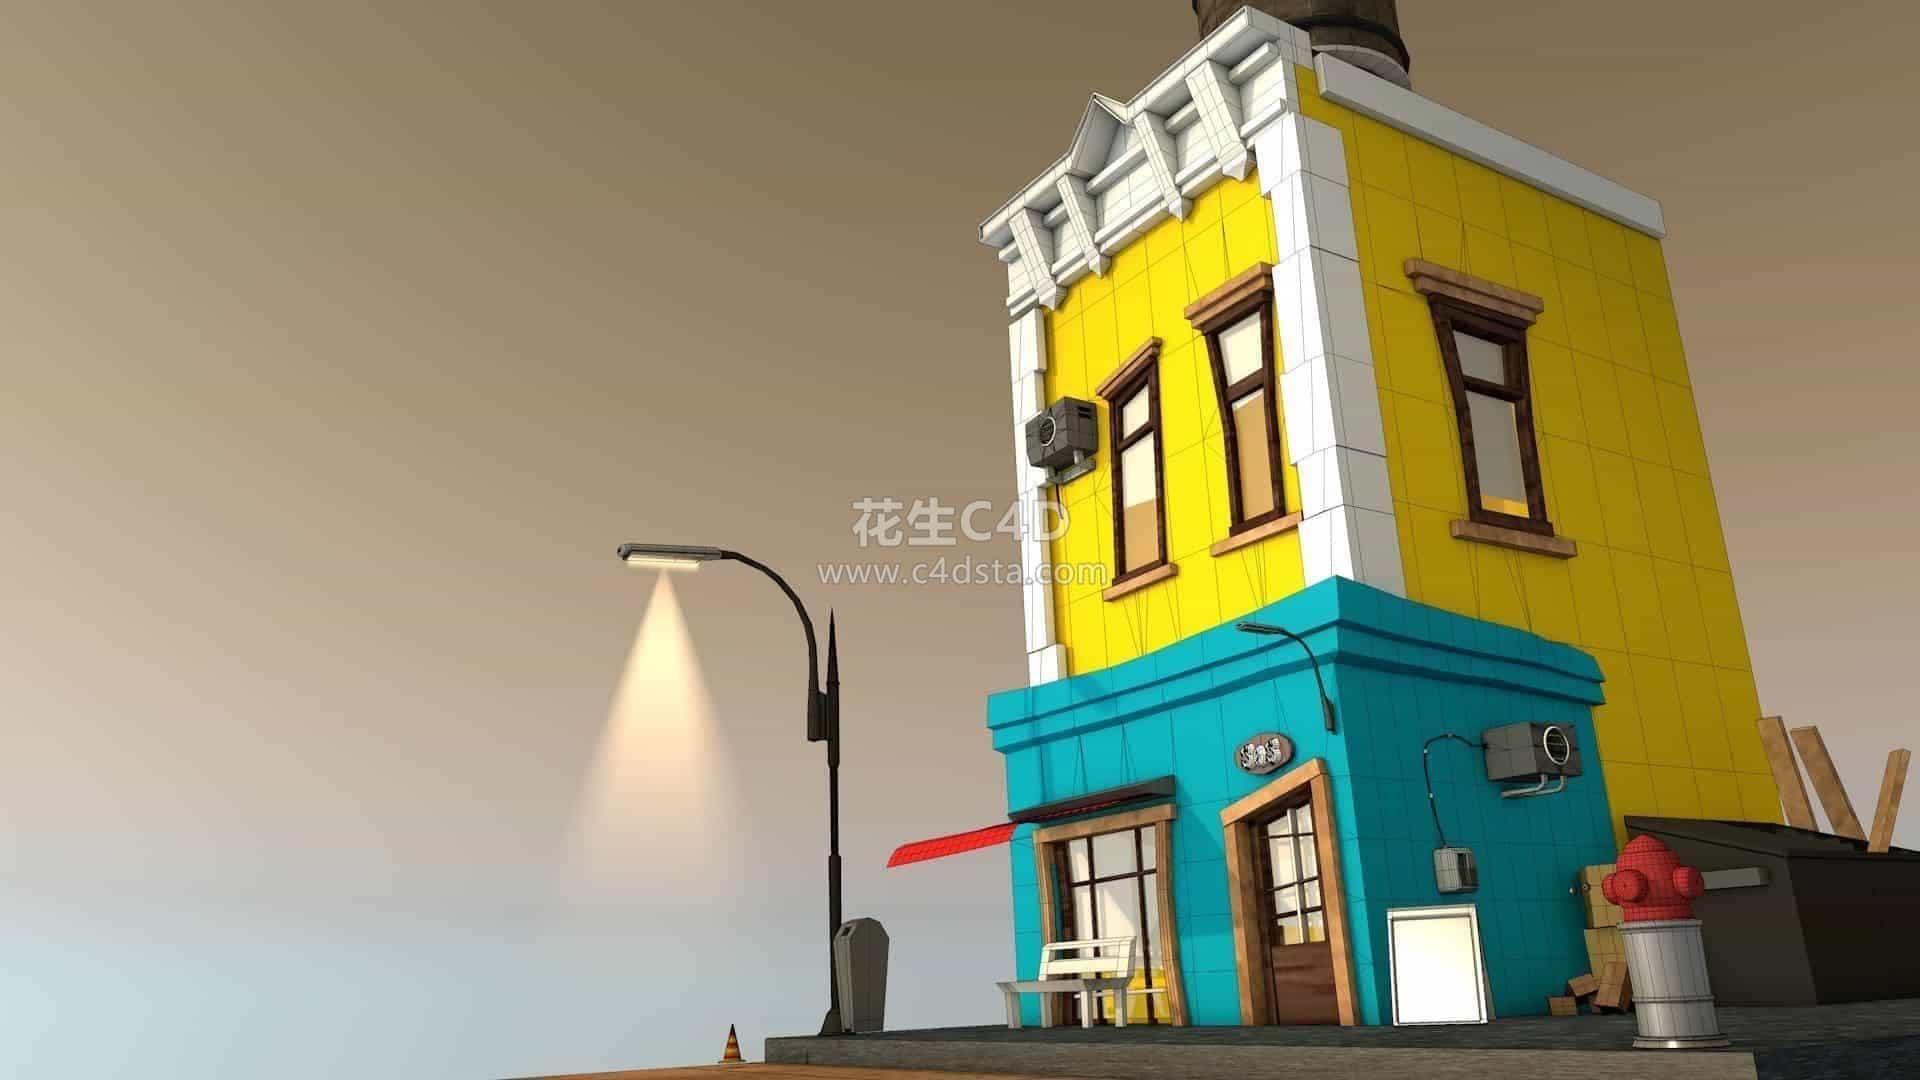 三维模型-卡通Q版Low Poly风格二层小楼建筑模型 626CG资源站